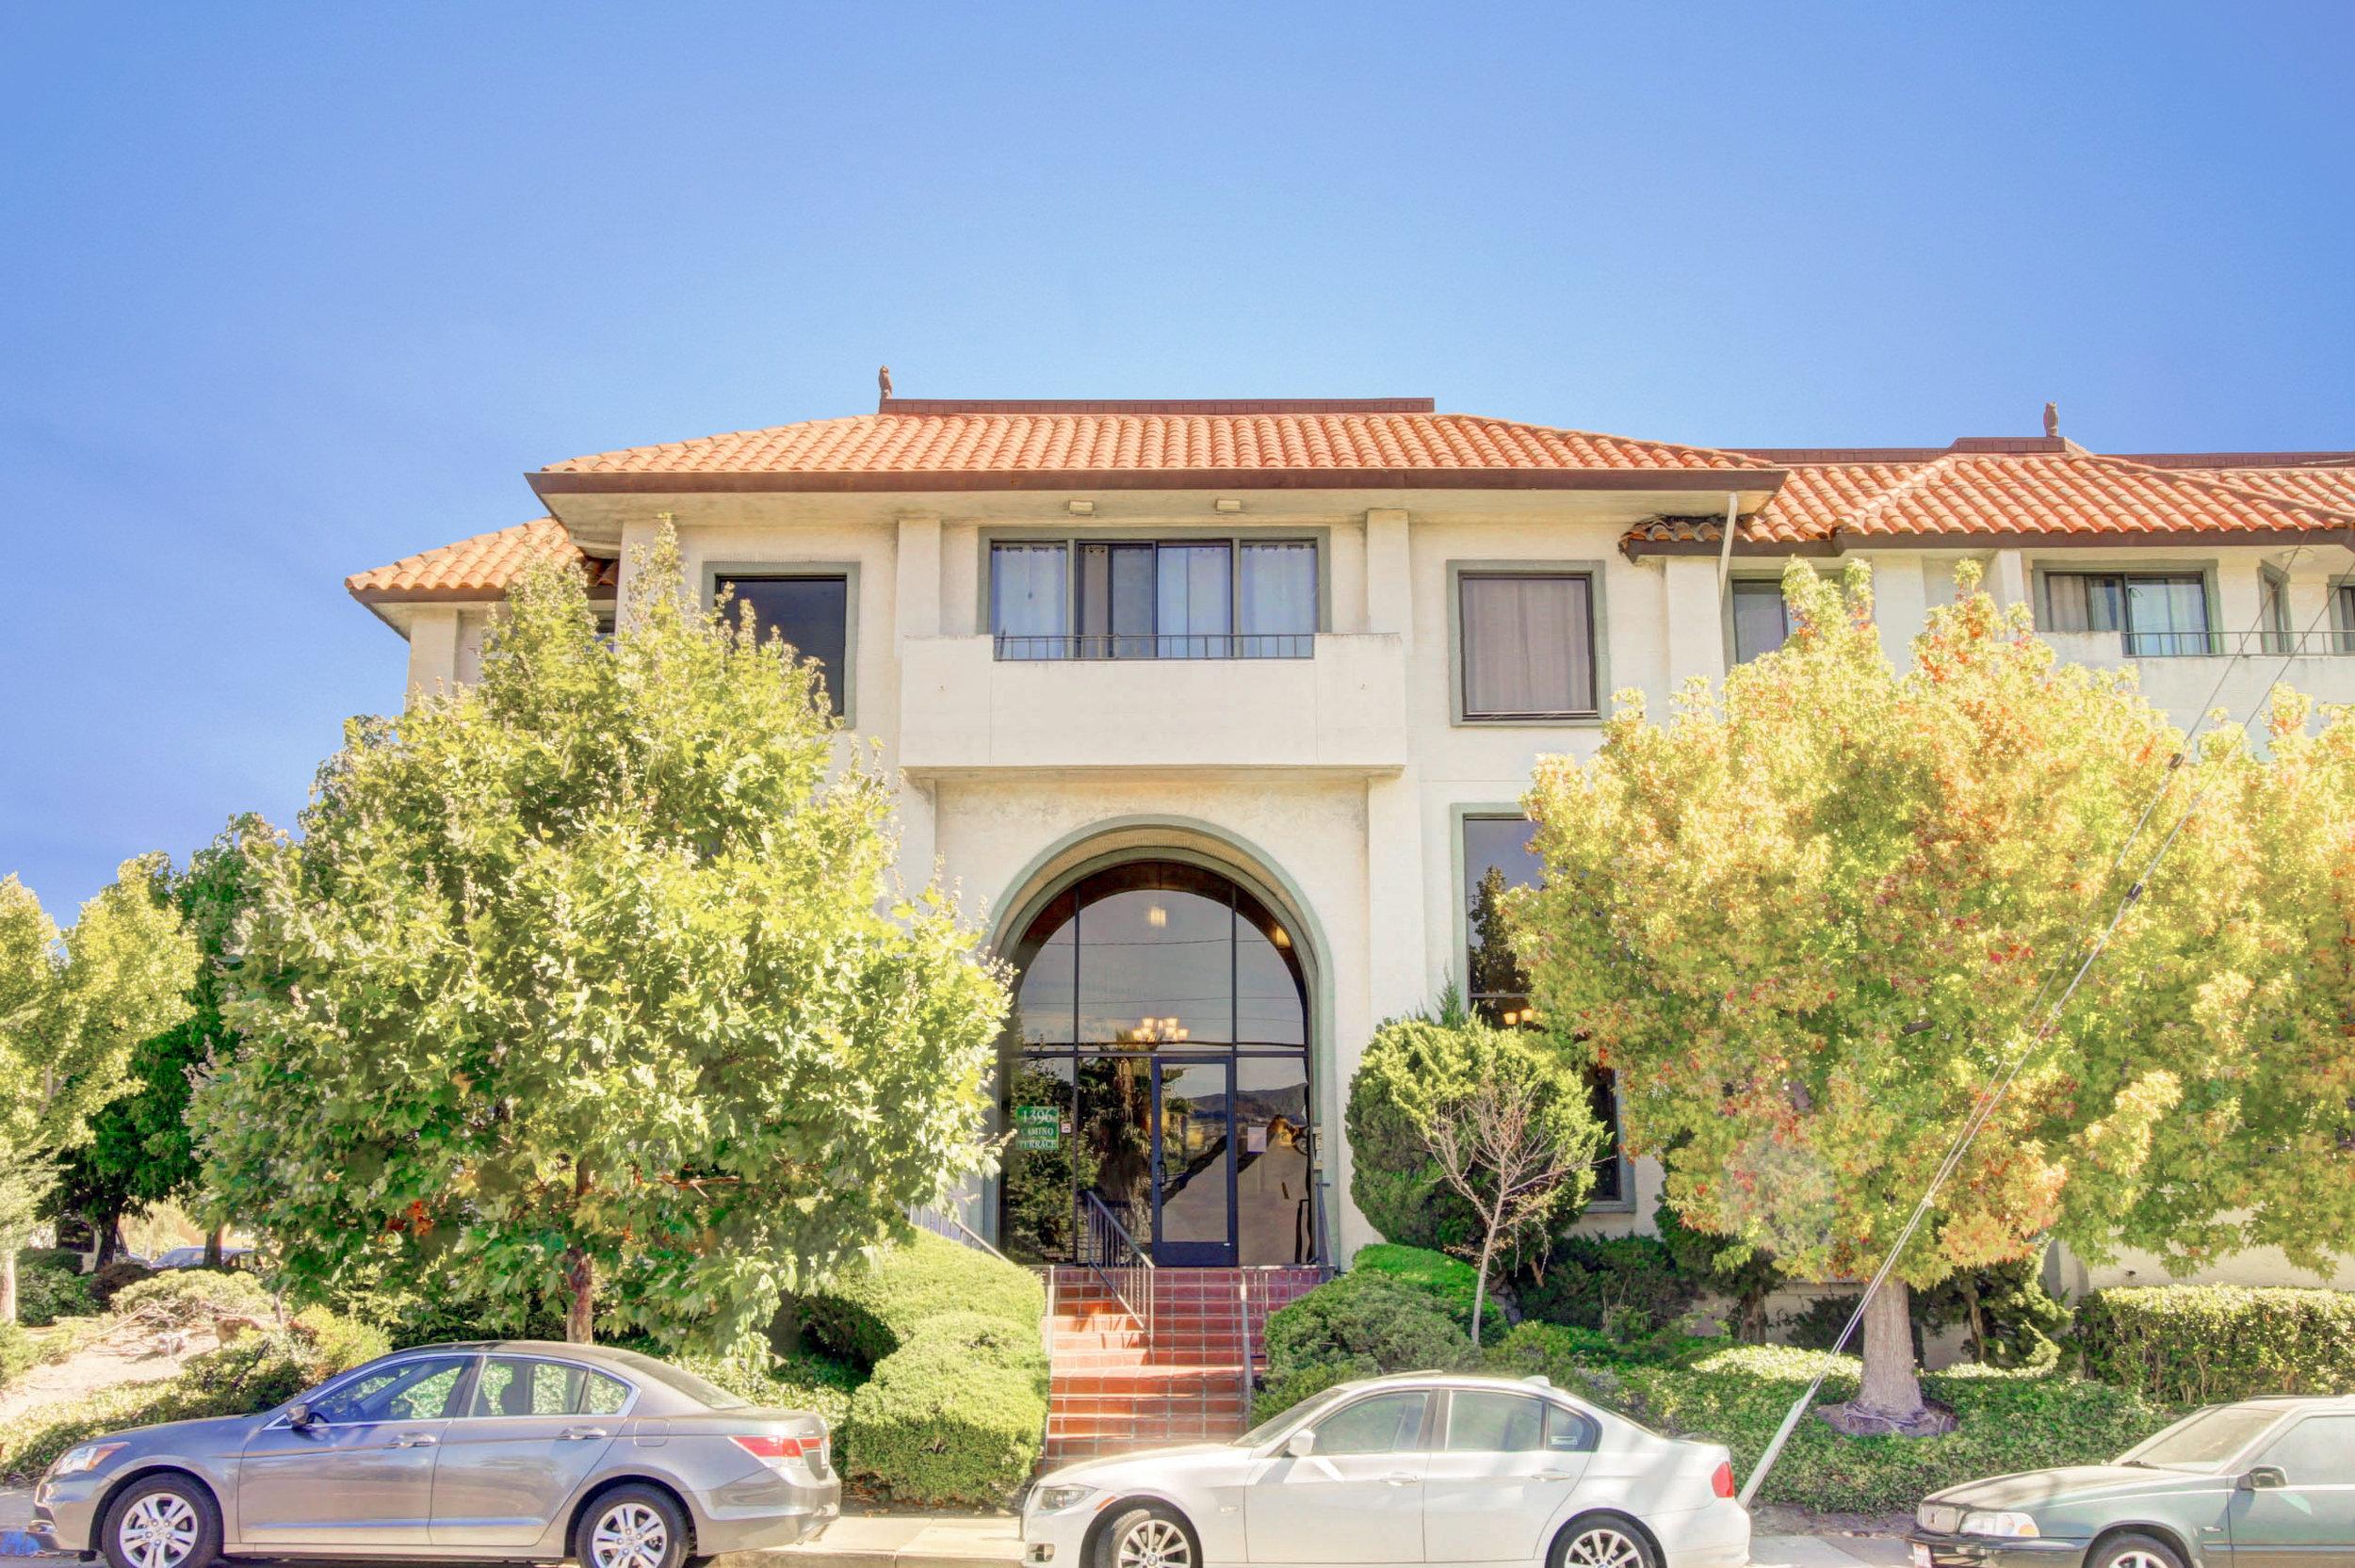 Sold at $807,800<strong>1396 El Camino Real #102, Millbrae</strong>